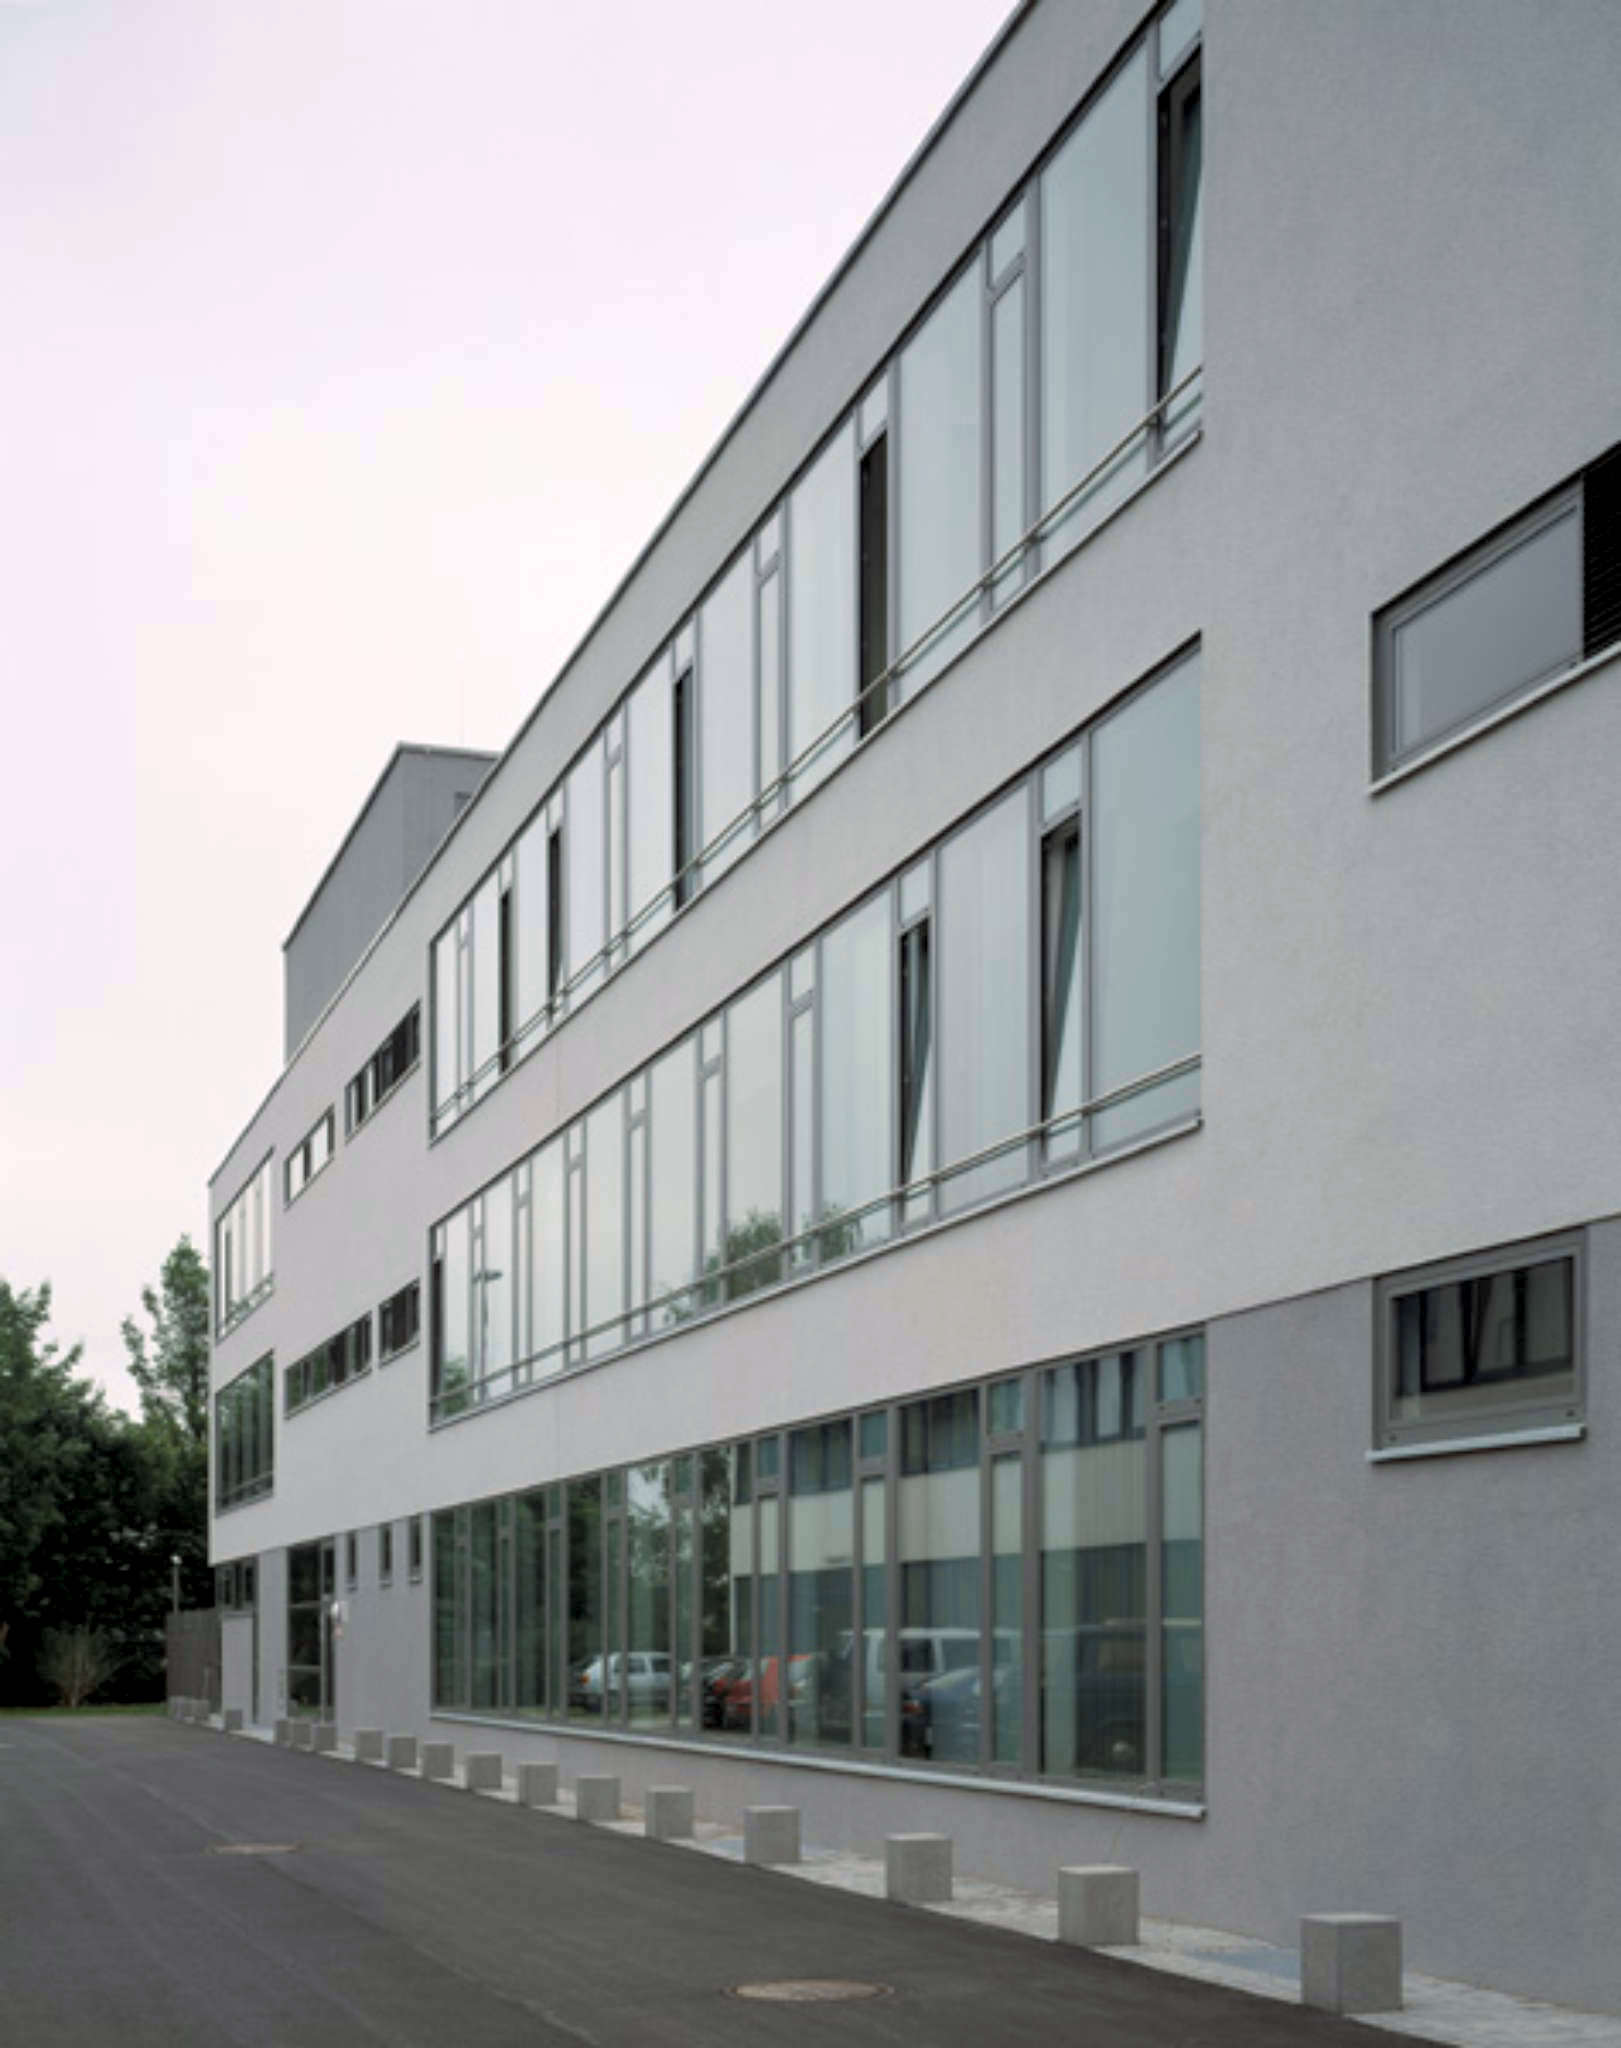 Bürogebäude Anton-Ditt-Bogen